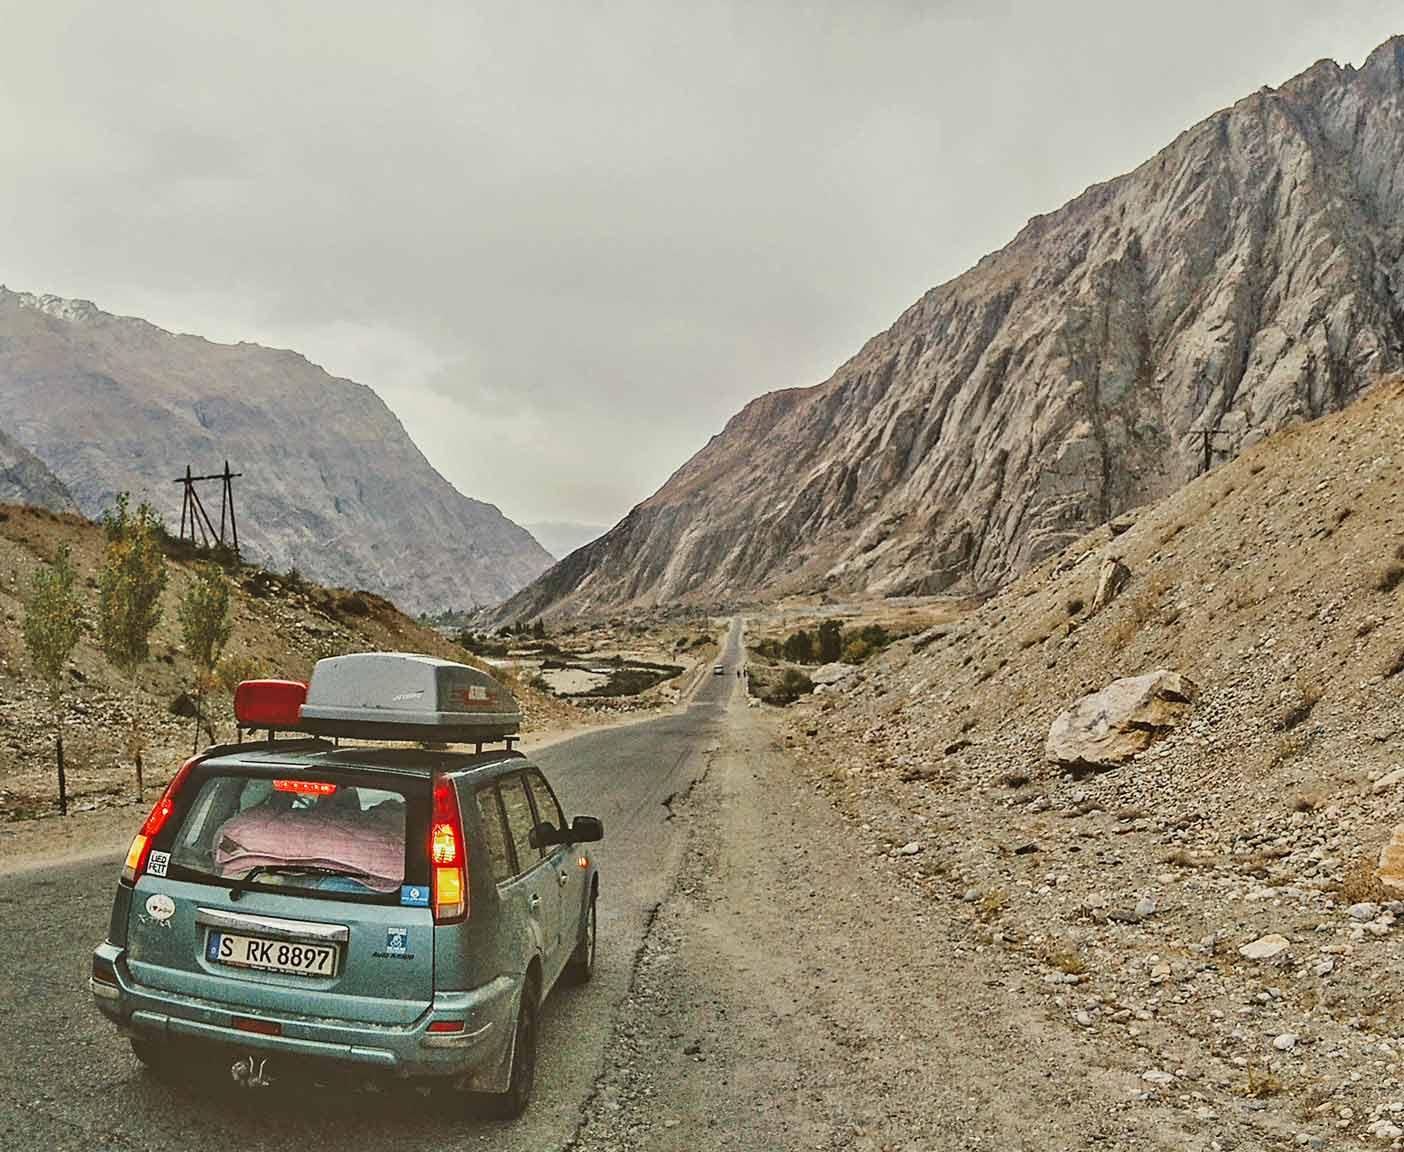 guenstige-expeditionsfahrzeuge-mobilw-offroad-gelaendegaenig-wohnmobil-nissan-xtrail-4x4-allrad-gebraucht-17